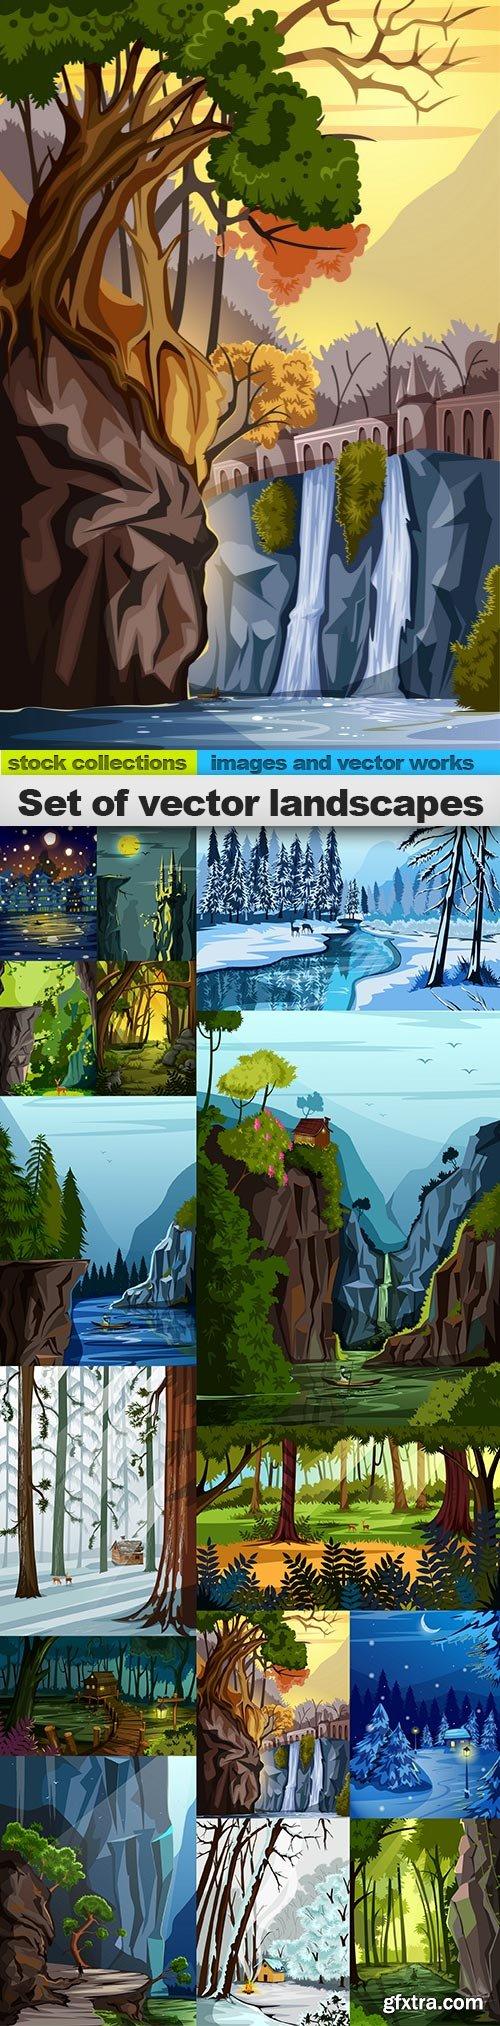 Set of vector landscapes, 15 x EPS